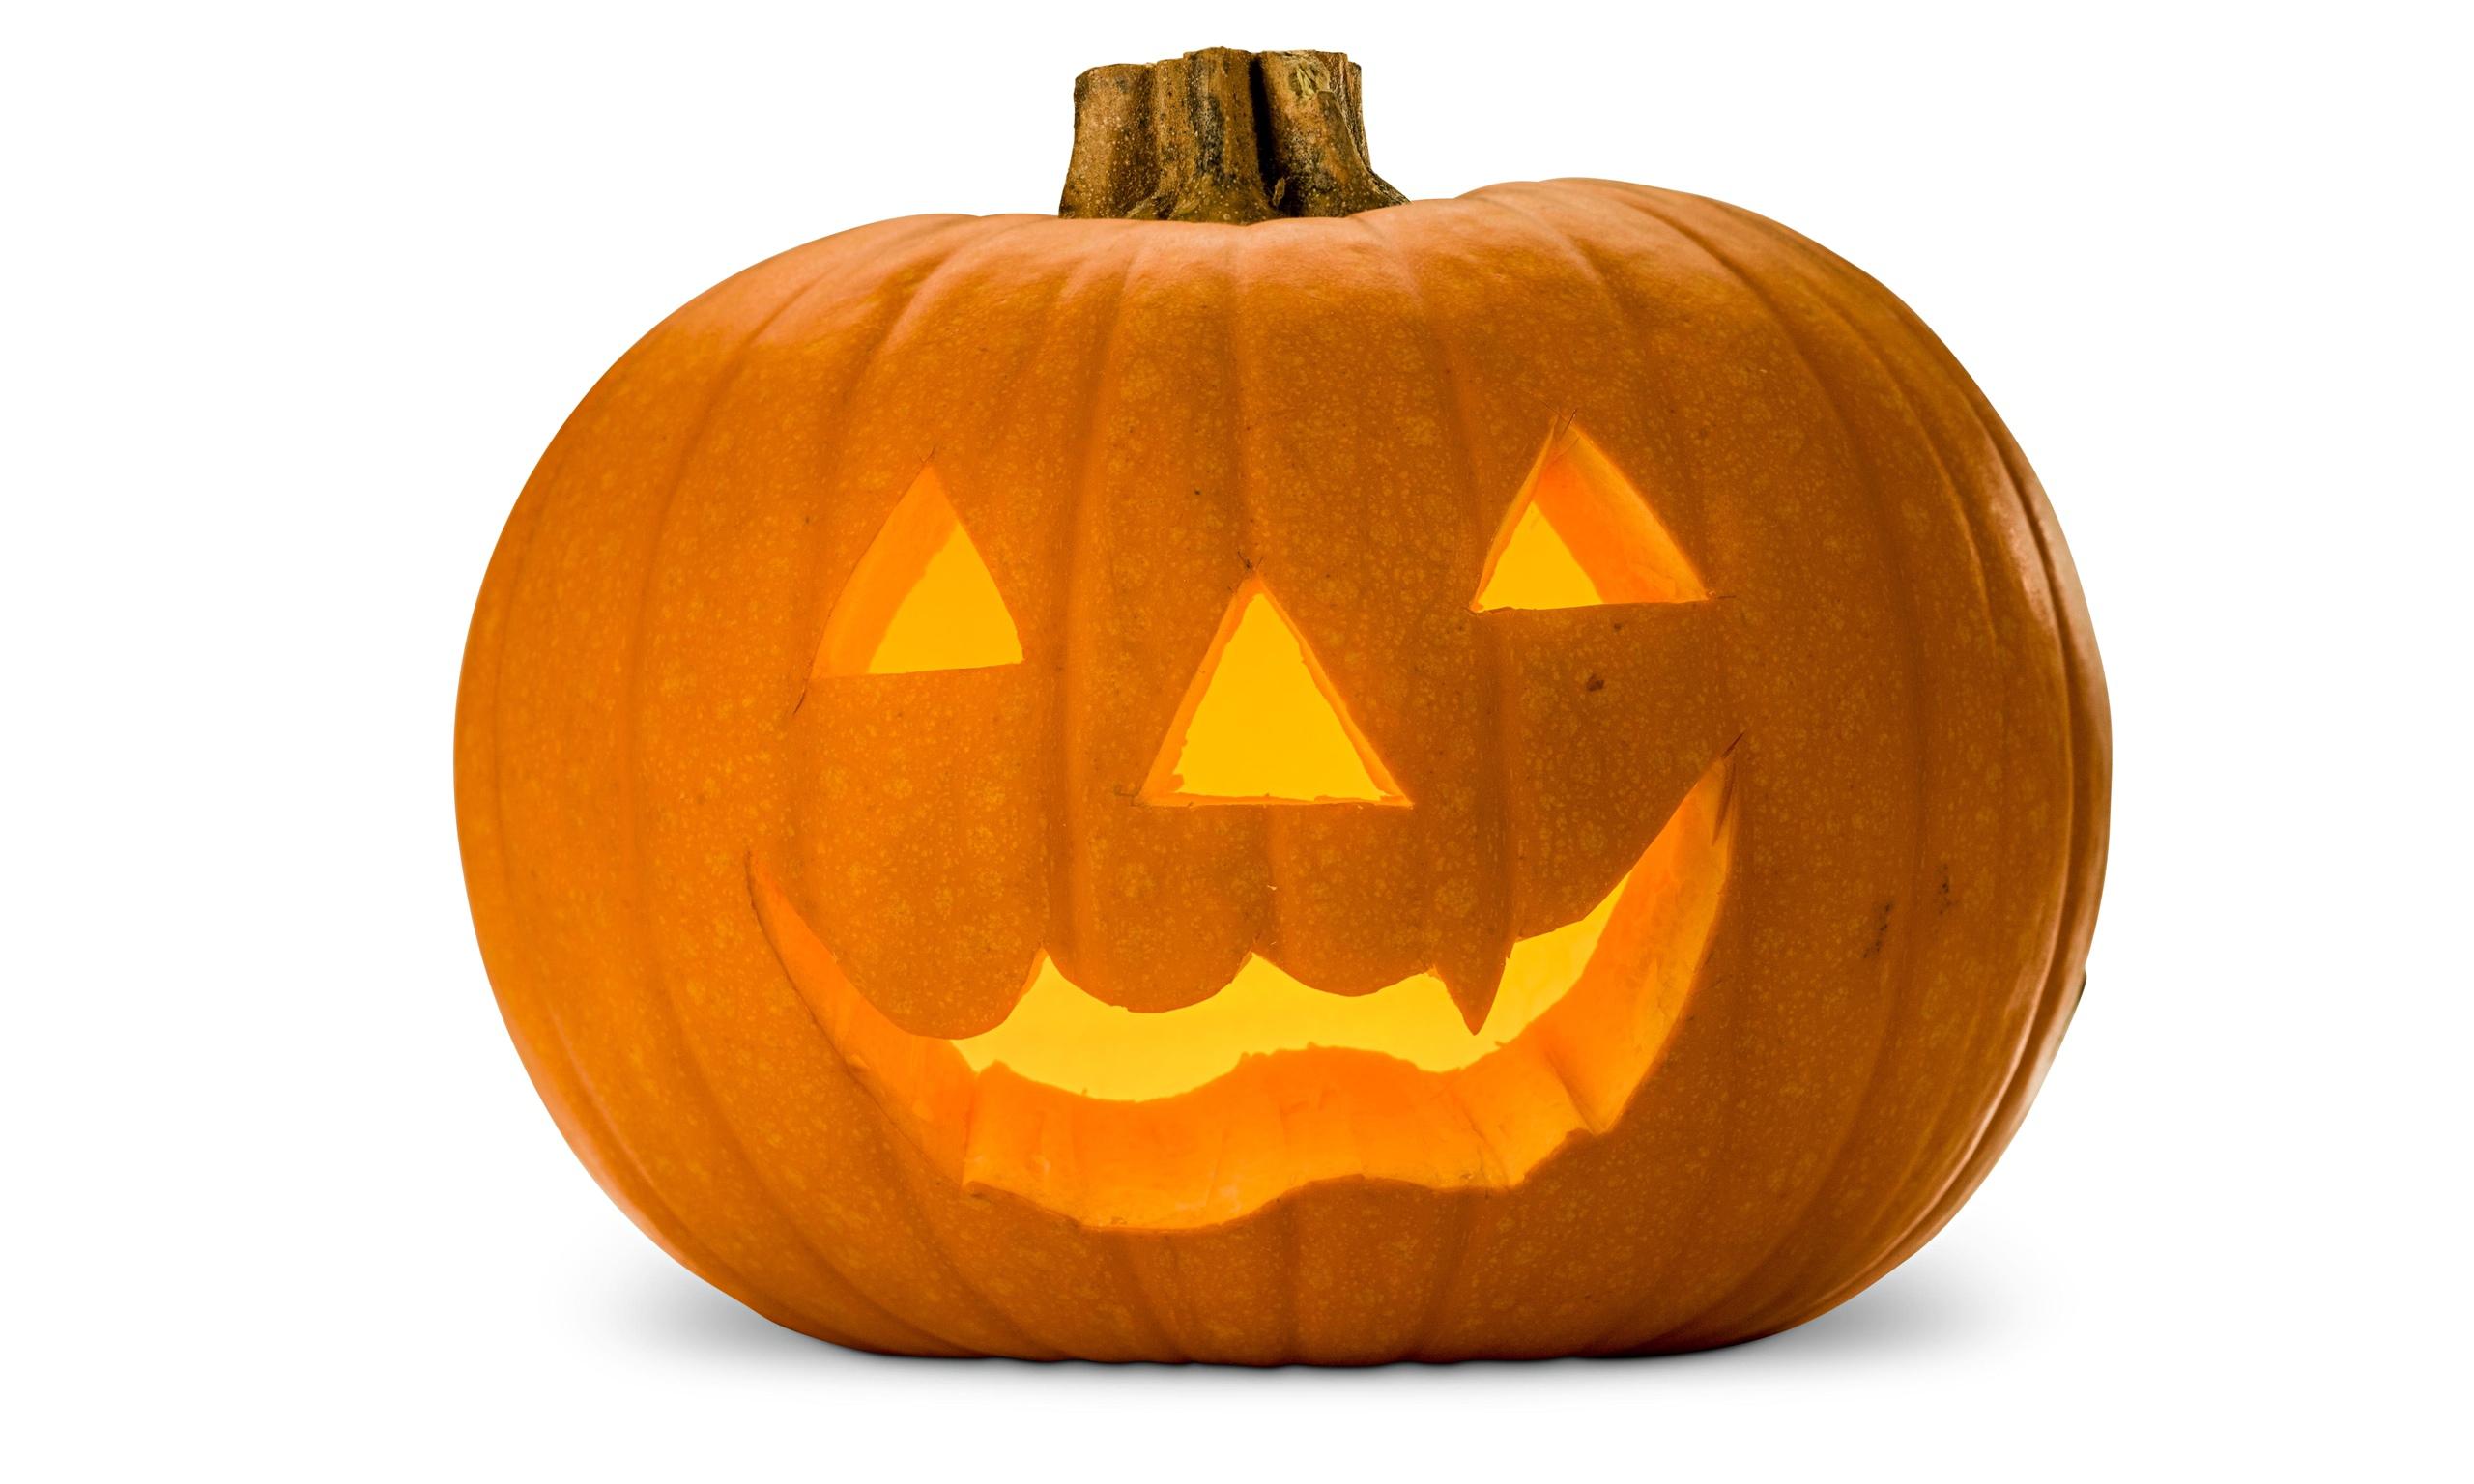 [Jeu] Association d'images - Page 18 Halloween-Pumpkin-014